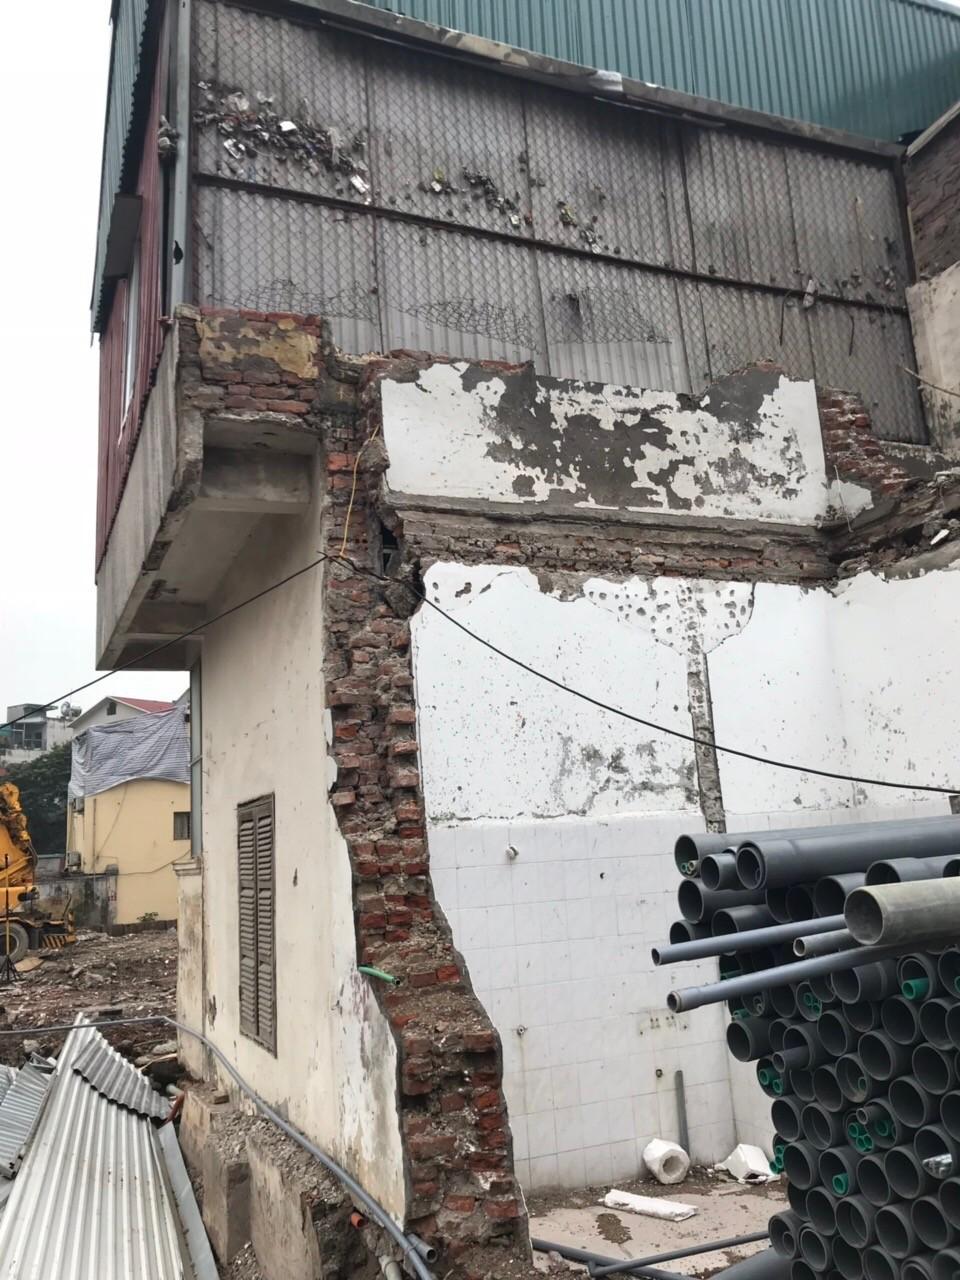 Công đoàn Y tế yêu cầu UBND phường Kim Mã làm rõ ranh giới khu đất tại trụ sở - ảnh 1